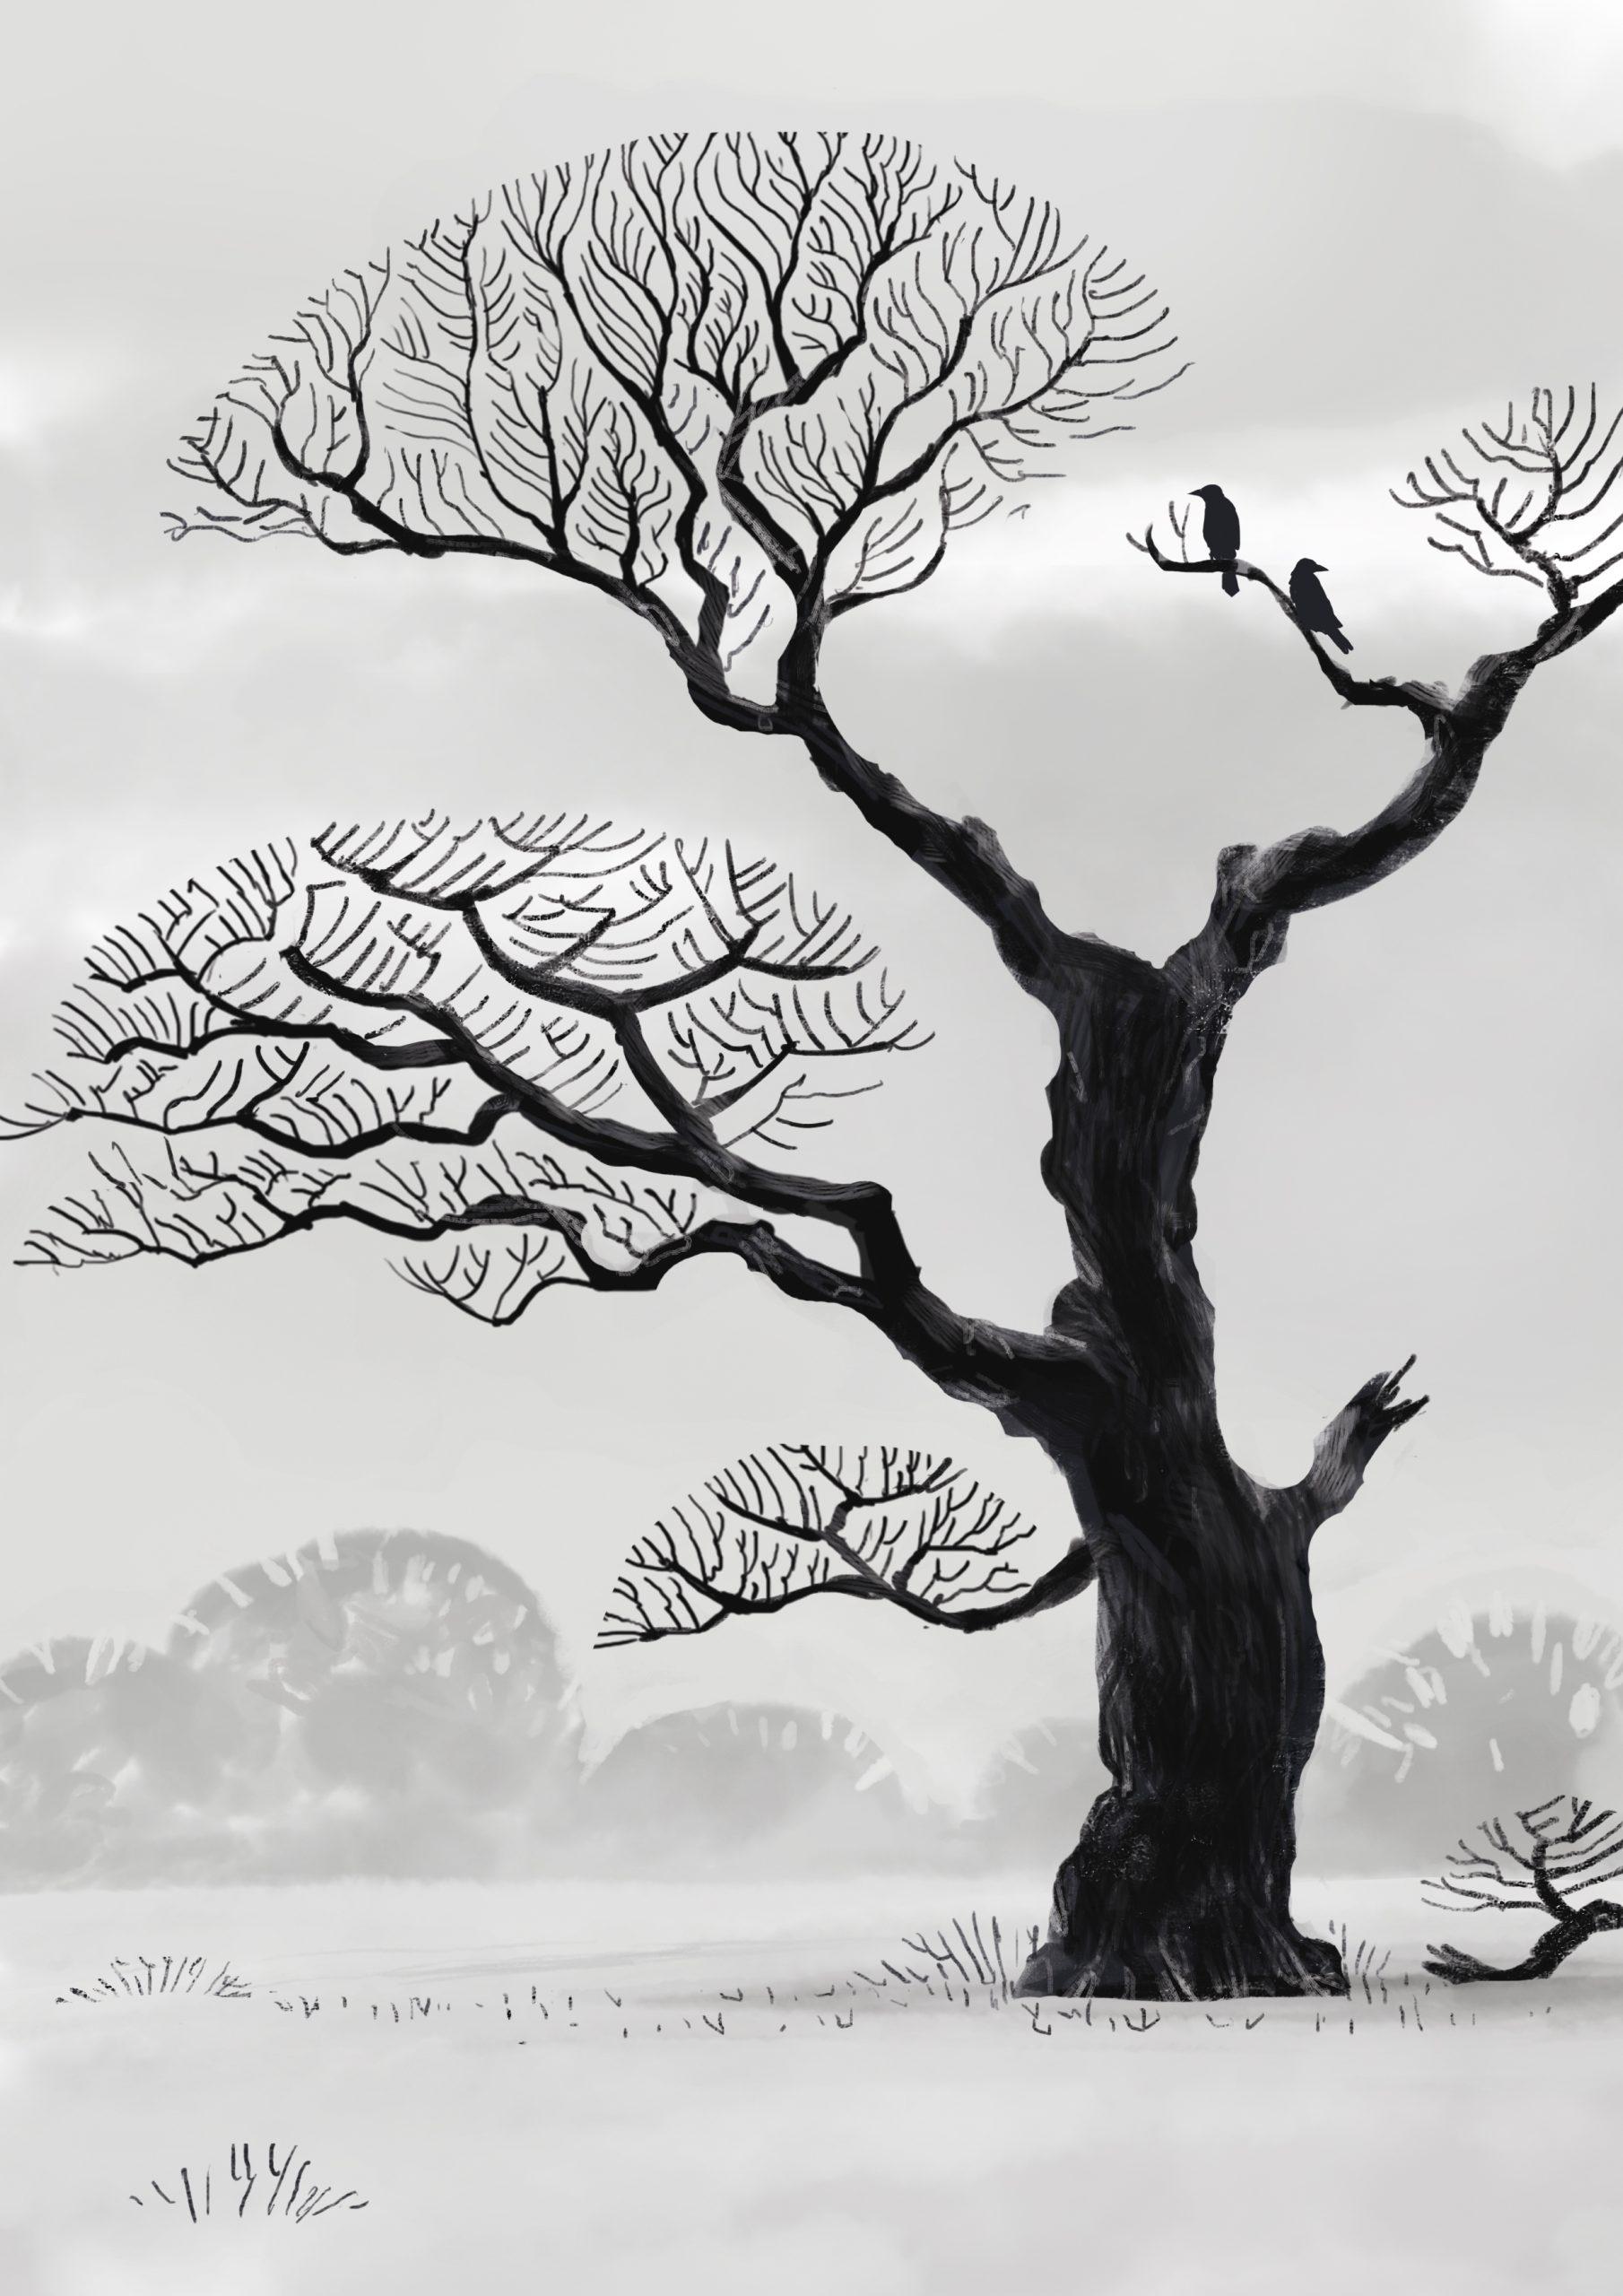 Ein kahler Baum im Winter mit Krähen